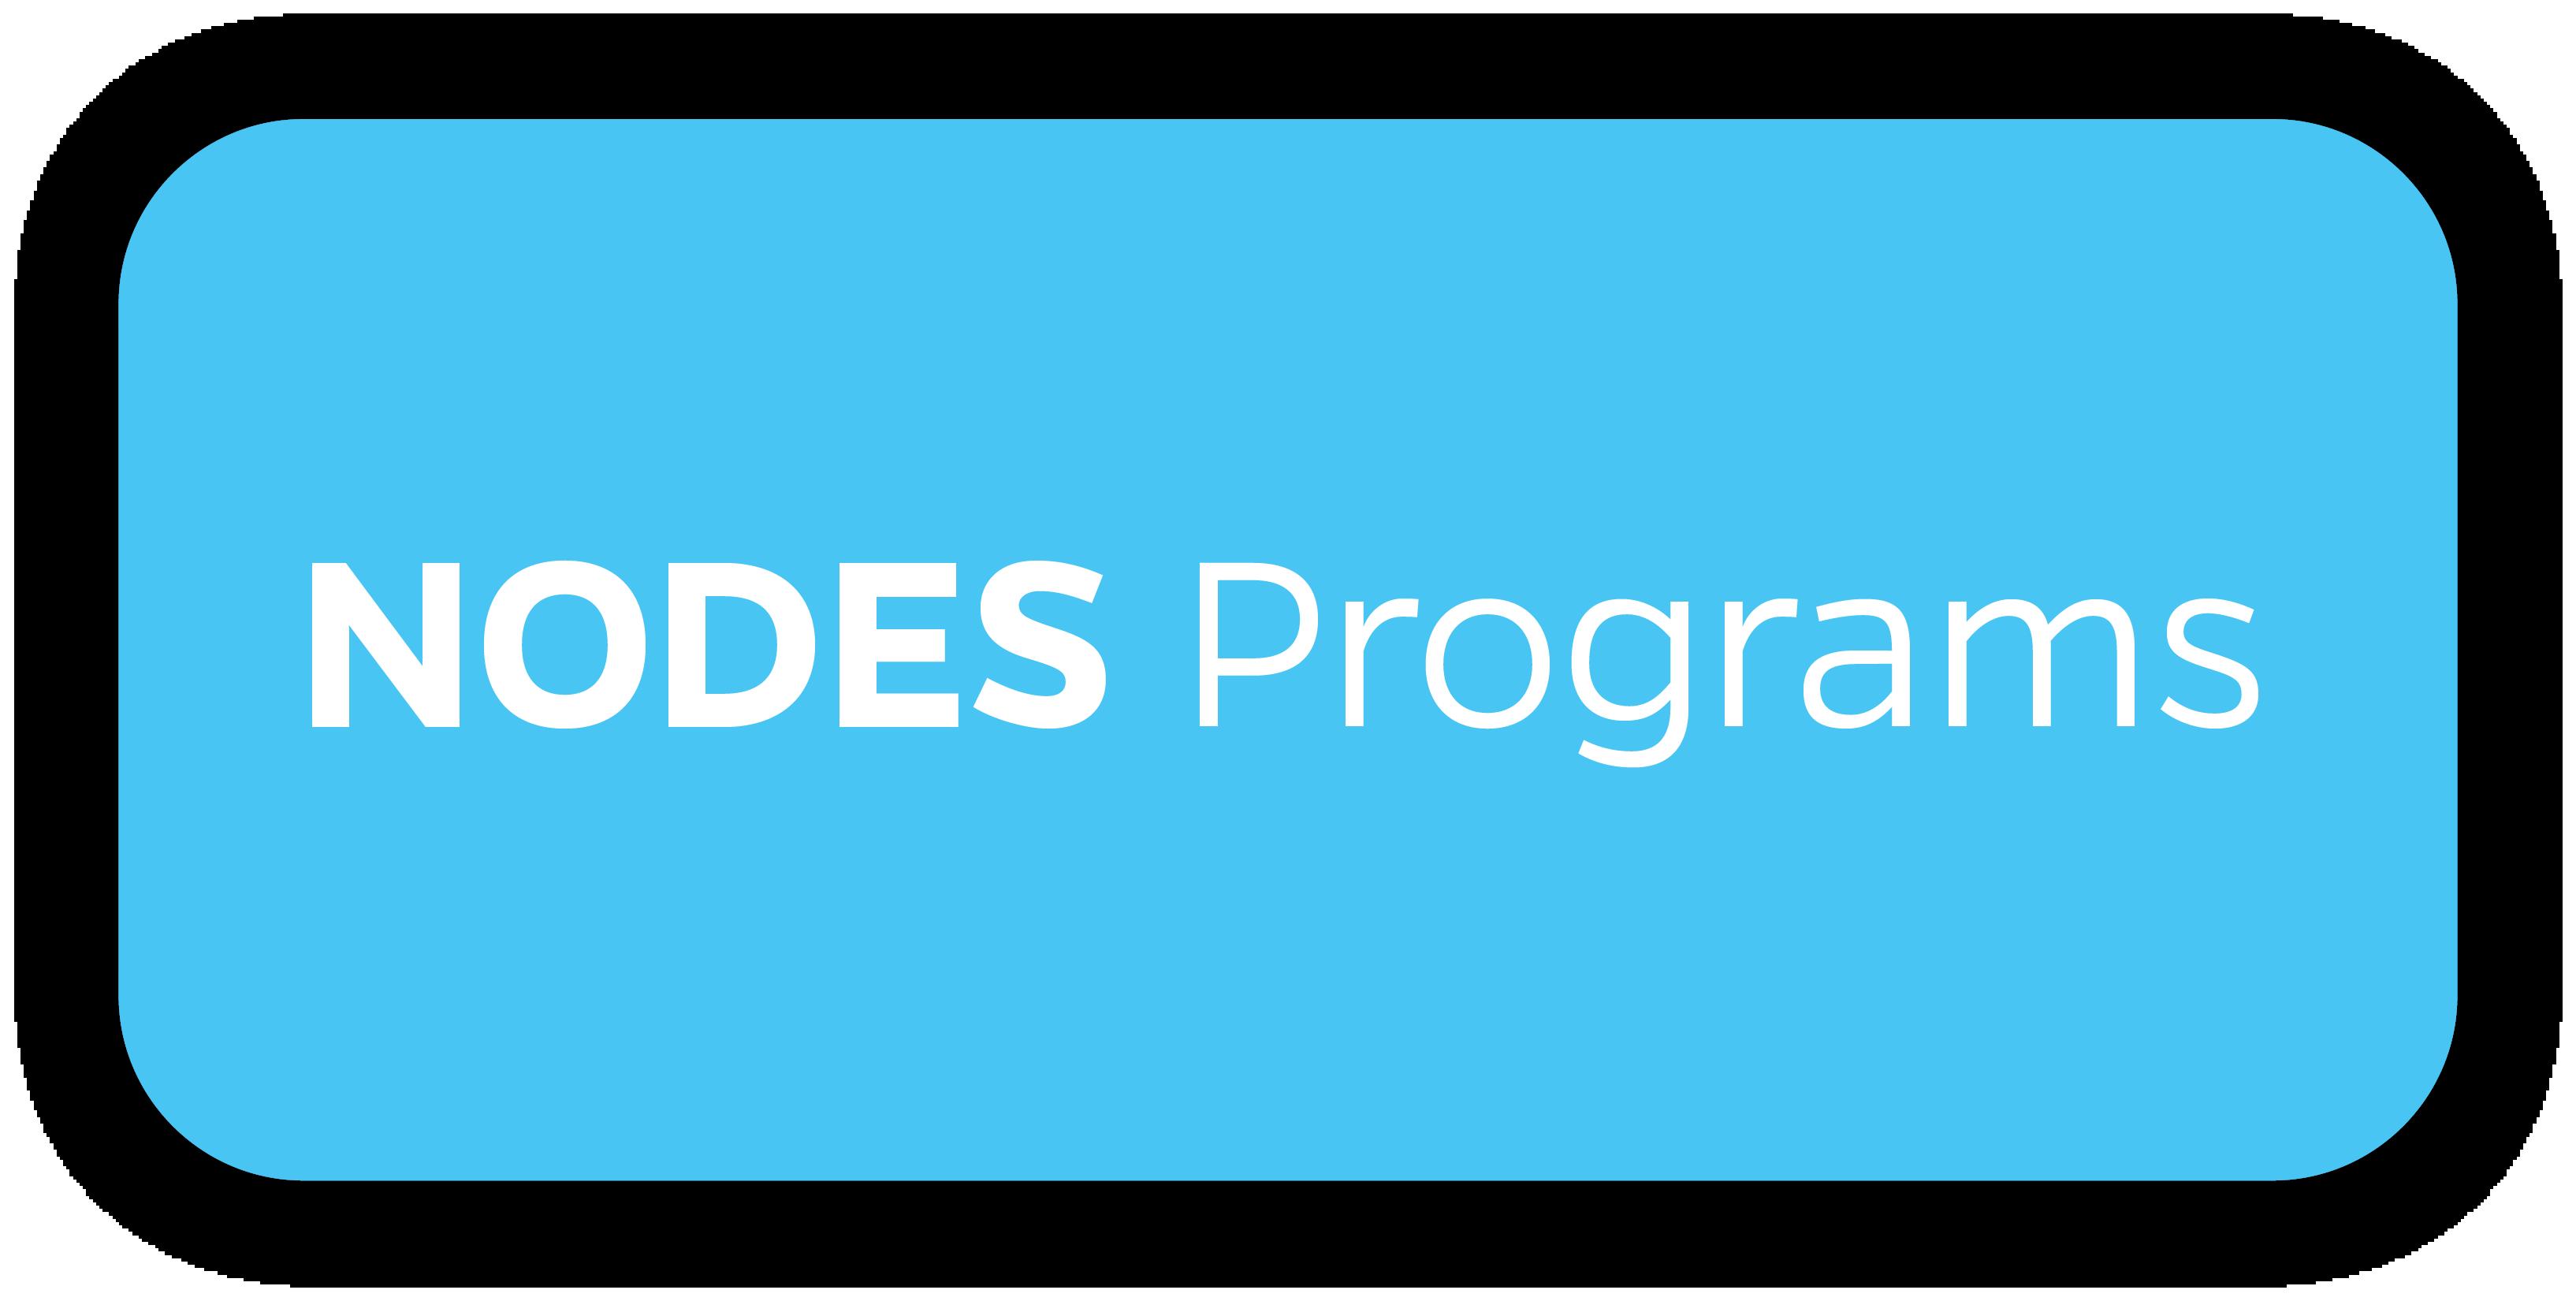 CORAS NODES Programs